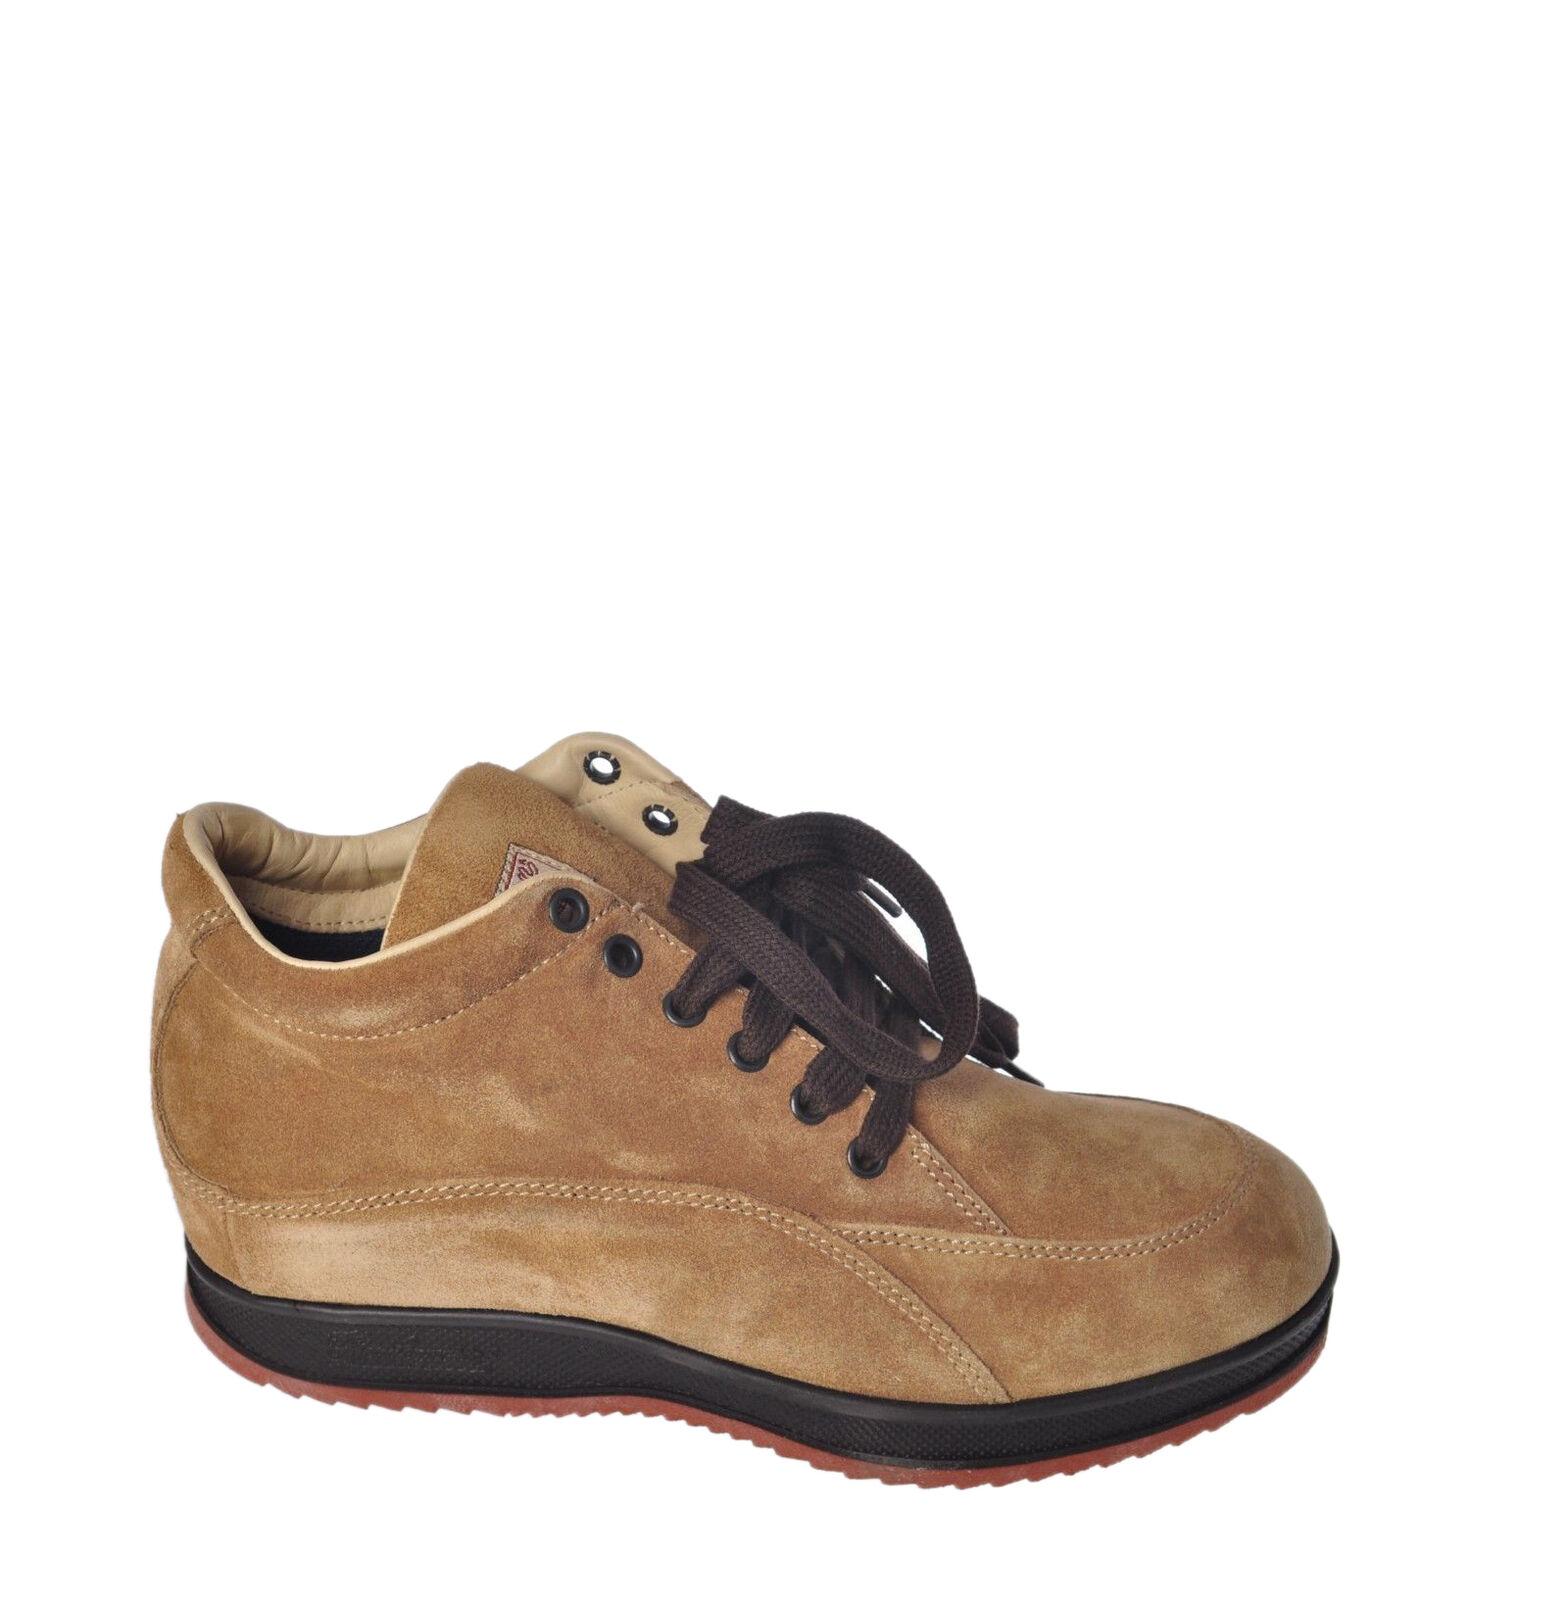 Barleycorn - Shoes-Sneakers - Woman - Brown - 5146720C183905